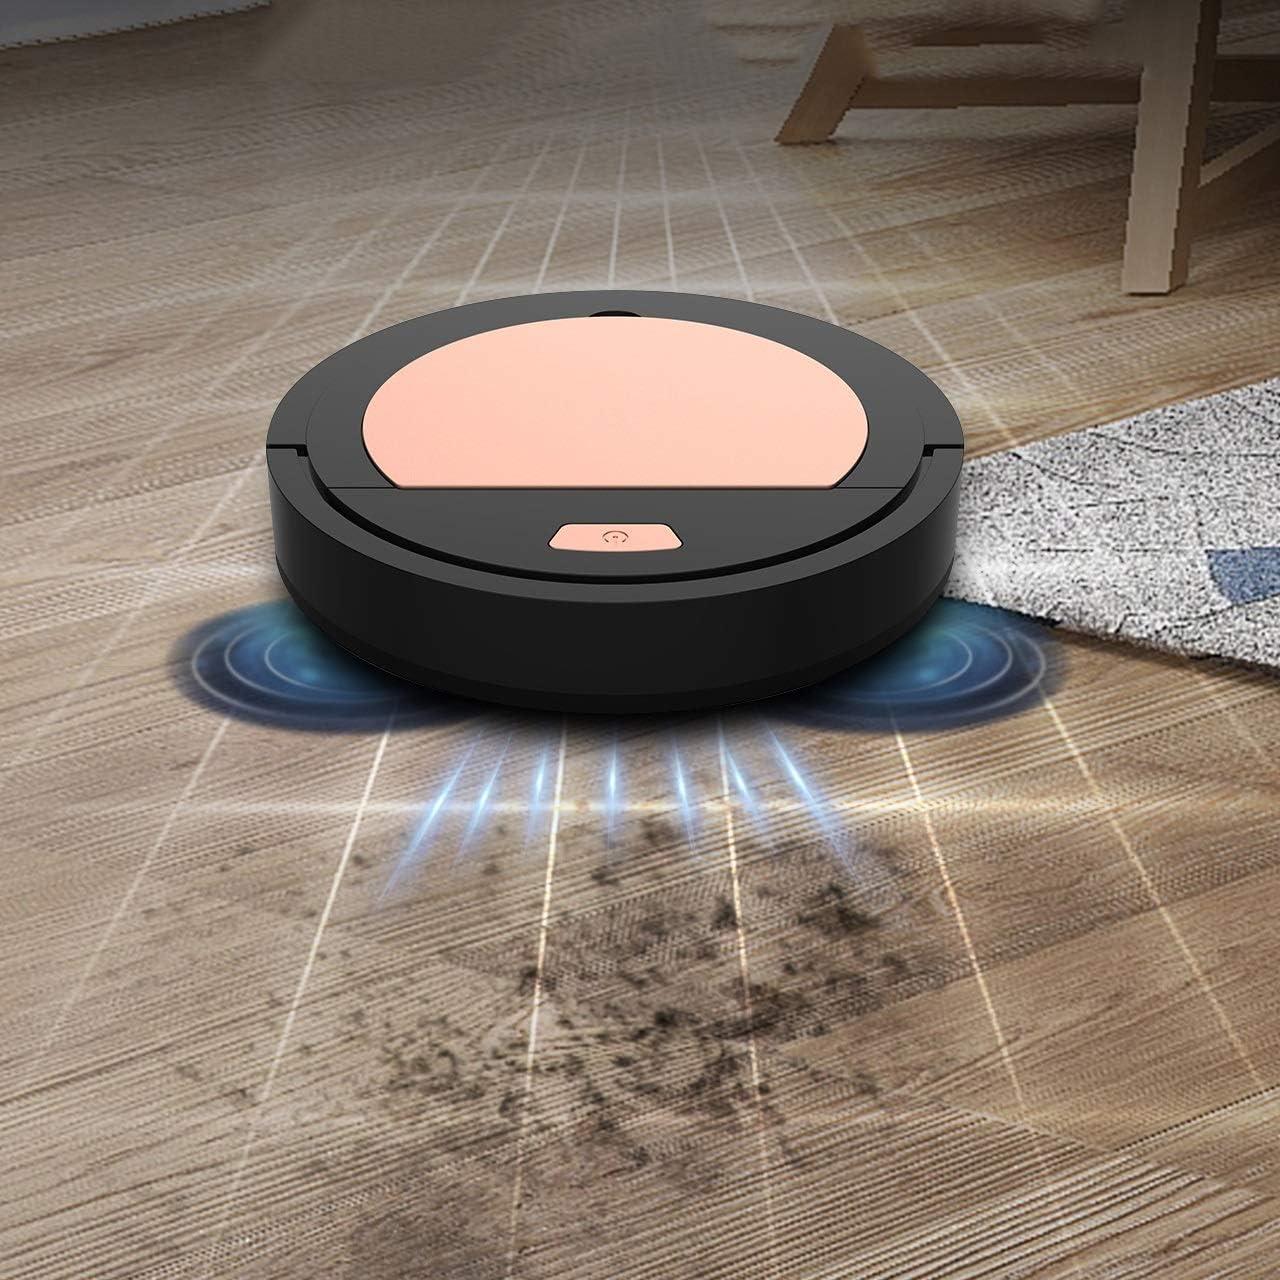 Nouvel Aspirateur Automatique Domestique, Une Vadrouille De Chargement Intérieur Machine De Nettoyage Intelligent, Cadeau En Gros, Un Robot De Balayage (Color : A) B